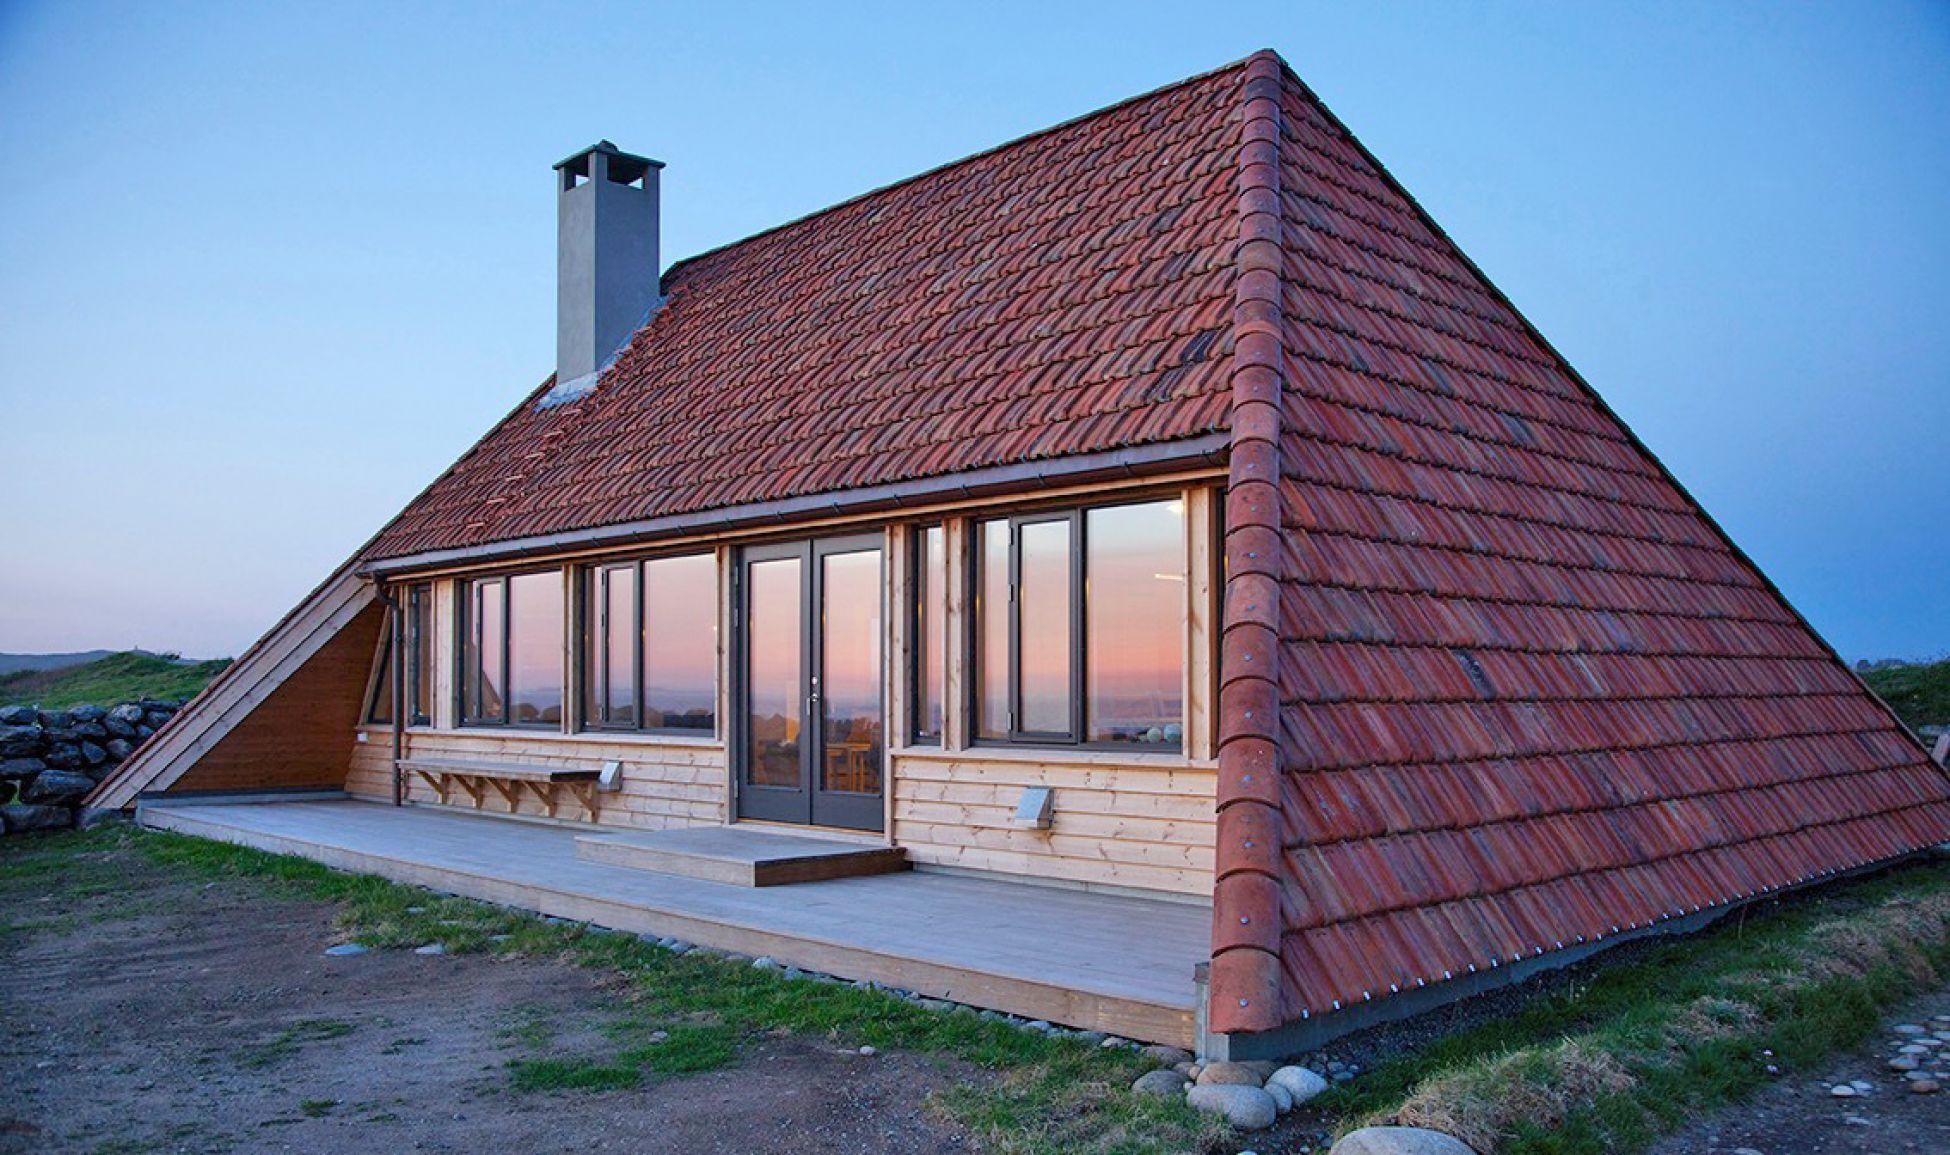 них есть фотогалерея дом крыша последняя мода вид ремонта выбрали